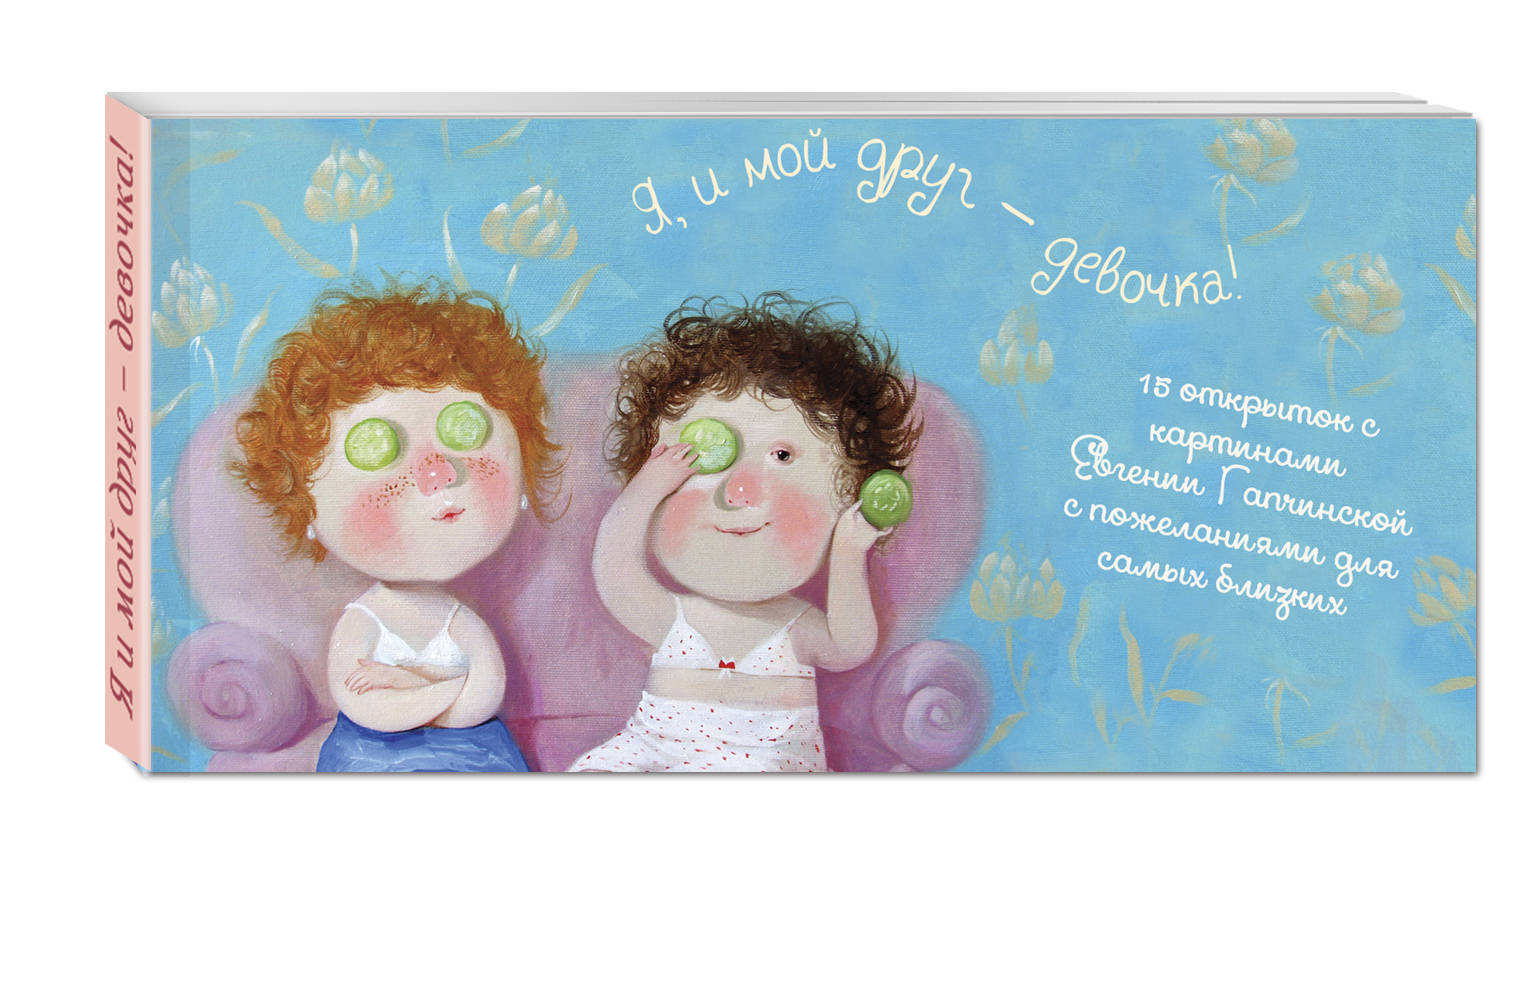 Евгения Гапчинская 15 открыток на перфорации с картинами Евгении Гапчинской (Я и мой друг - девочка!)